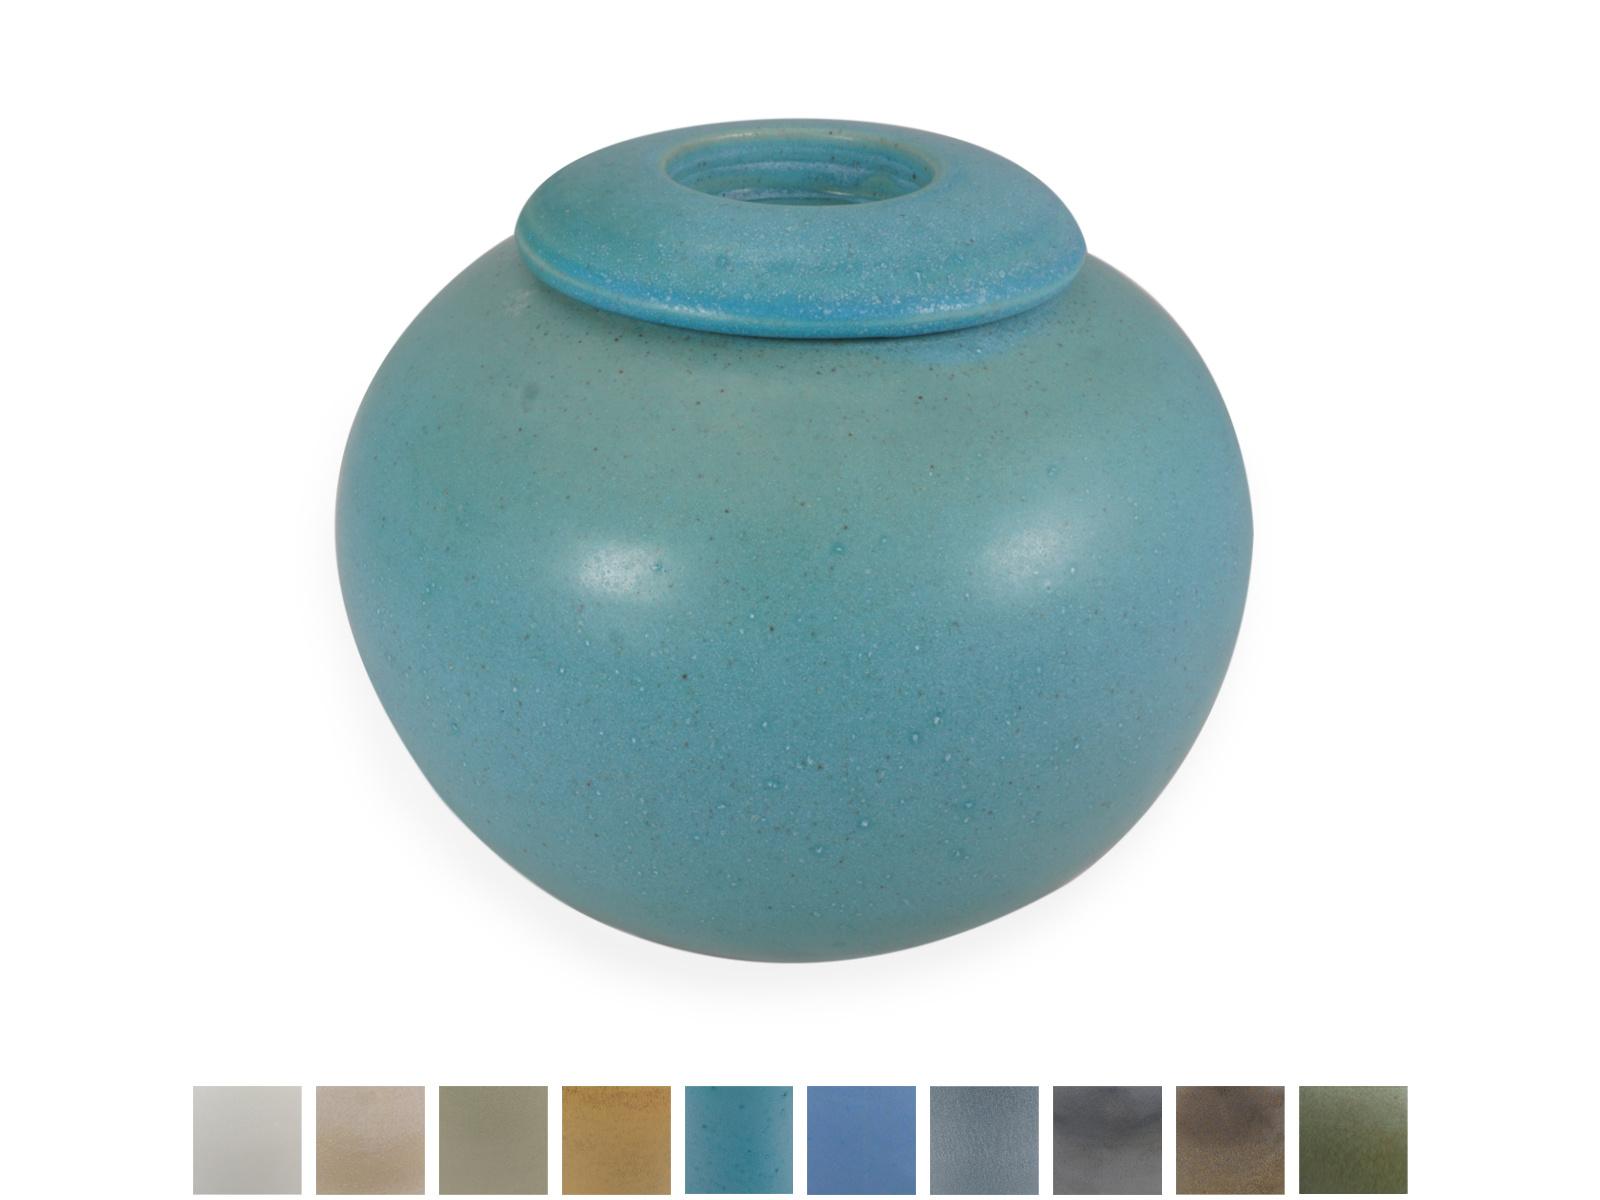 Keramische urn bol medium met kaarsje- verkrijgbaar in 10 kleuren